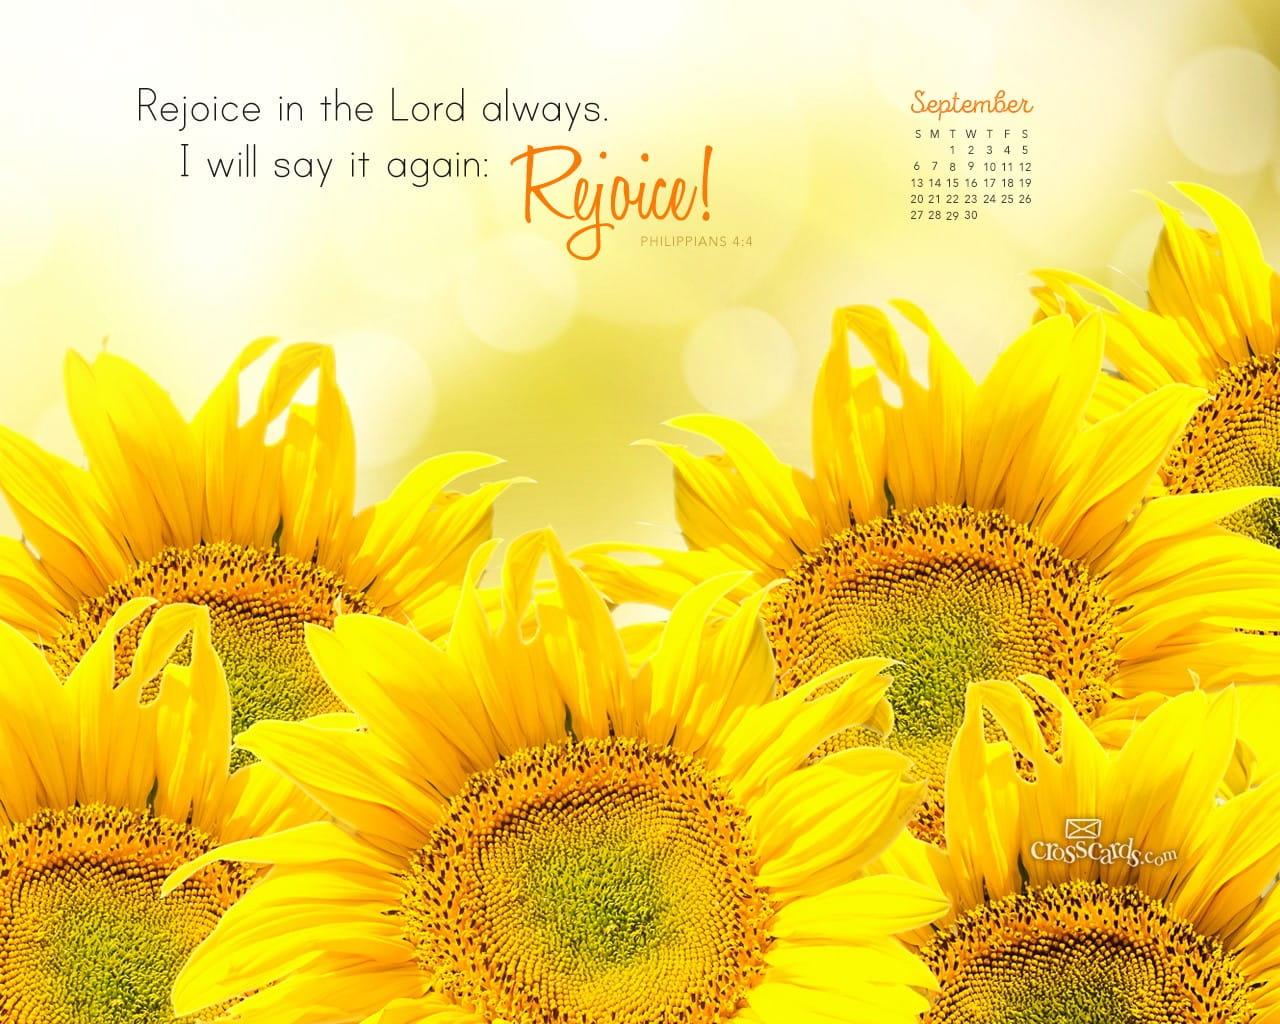 Christian Wallpaper Calendar : September philippians desktop calendar free